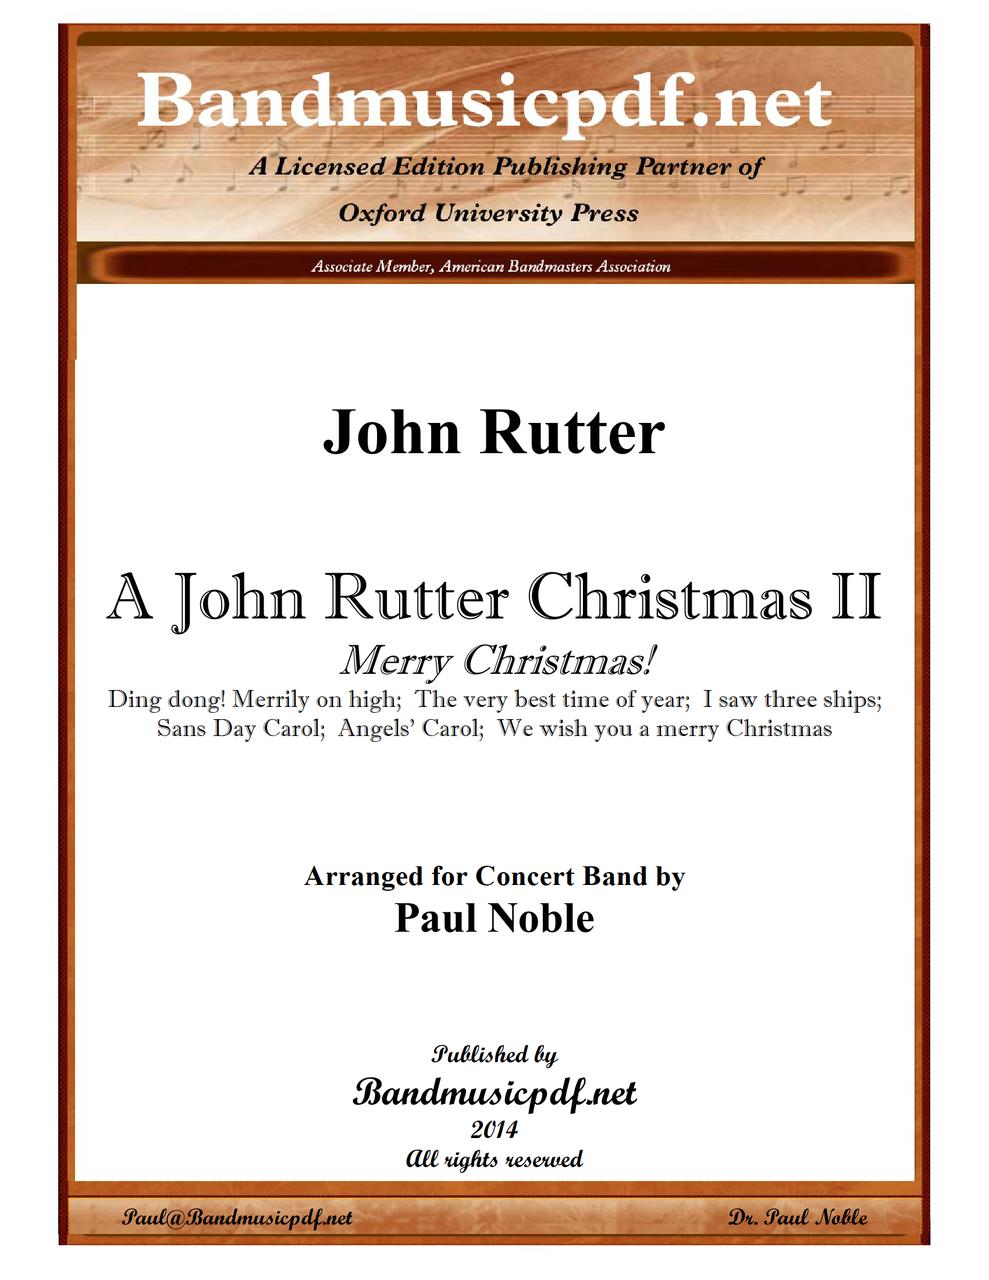 A John Rutter Christmas II - Merry Christmas - bandmusicpdf.net